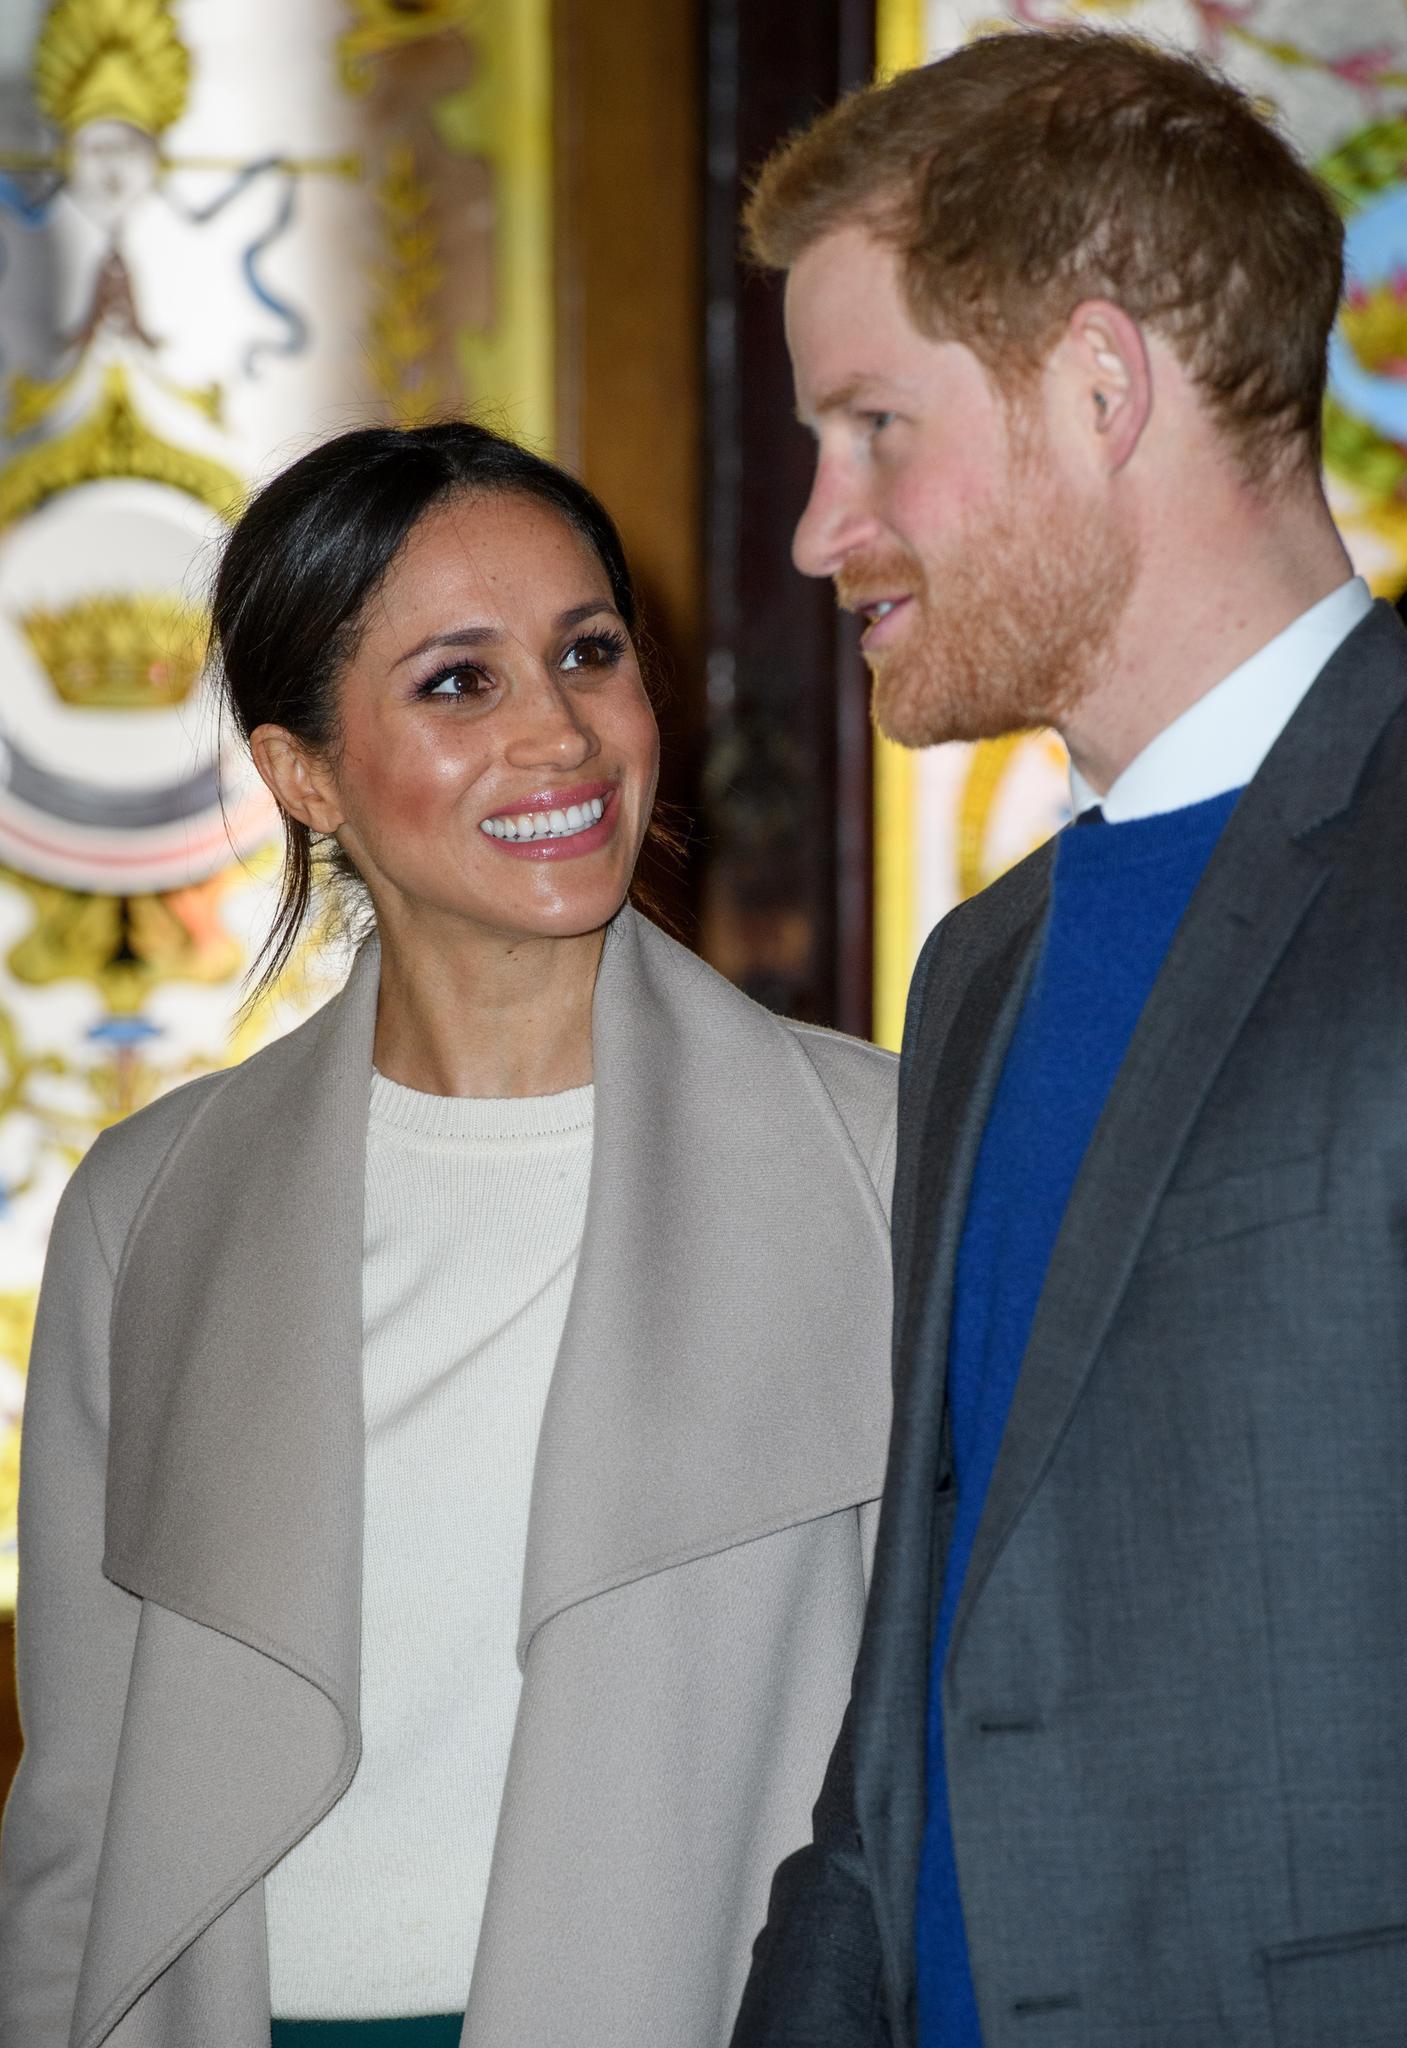 Übertragung Hochzeit Harry  Meghan Markle Prinz Harry Queen schwänzt Teil ihrer